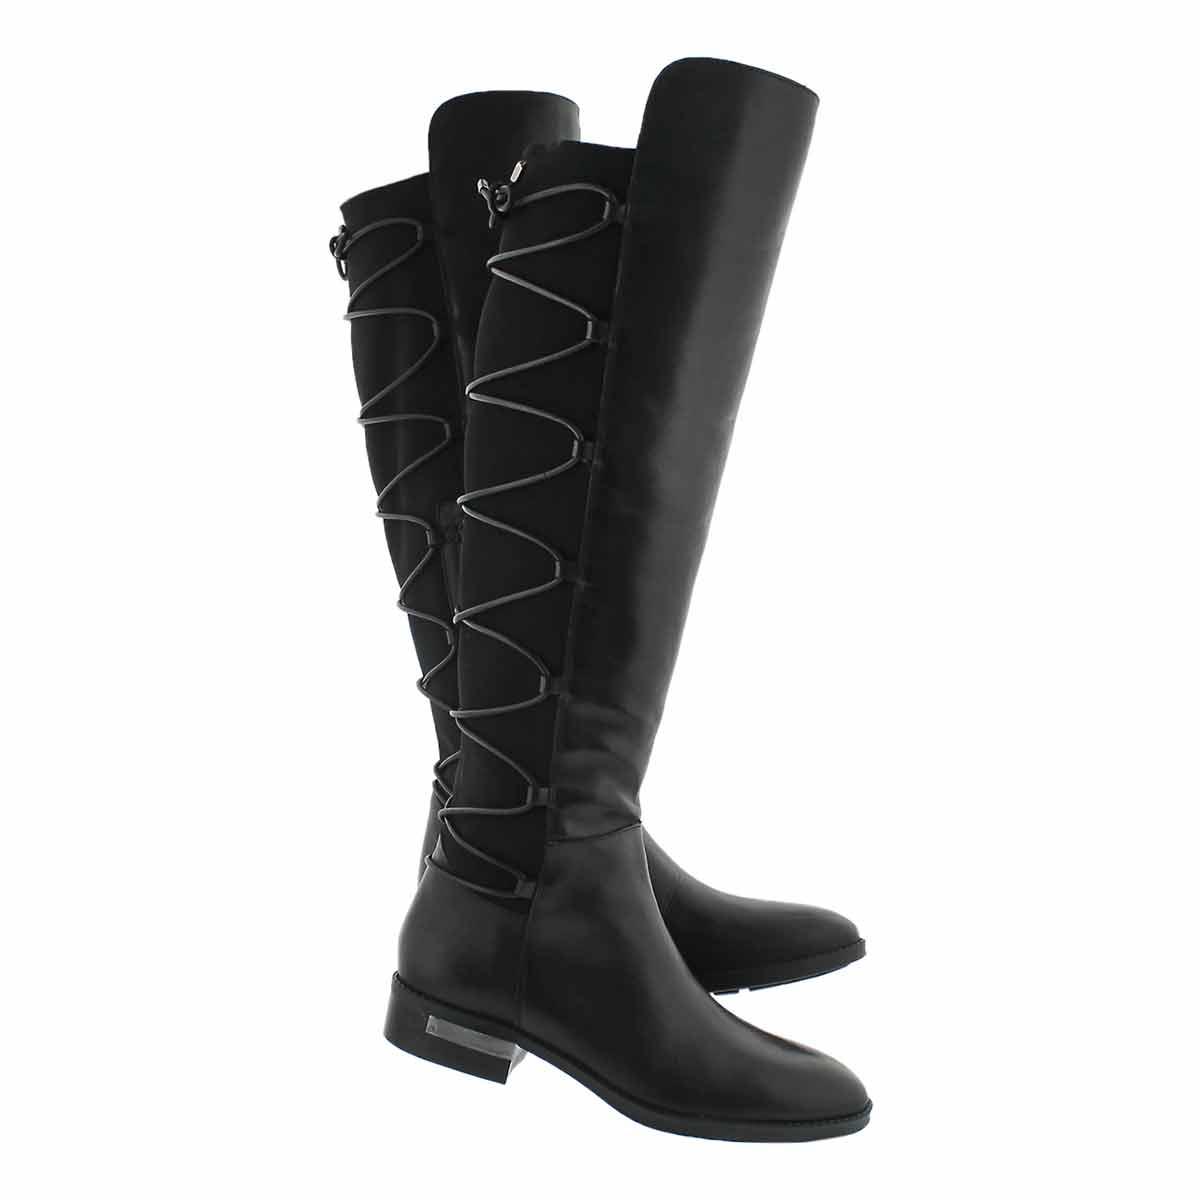 Lds Parle blk knee high dress boot